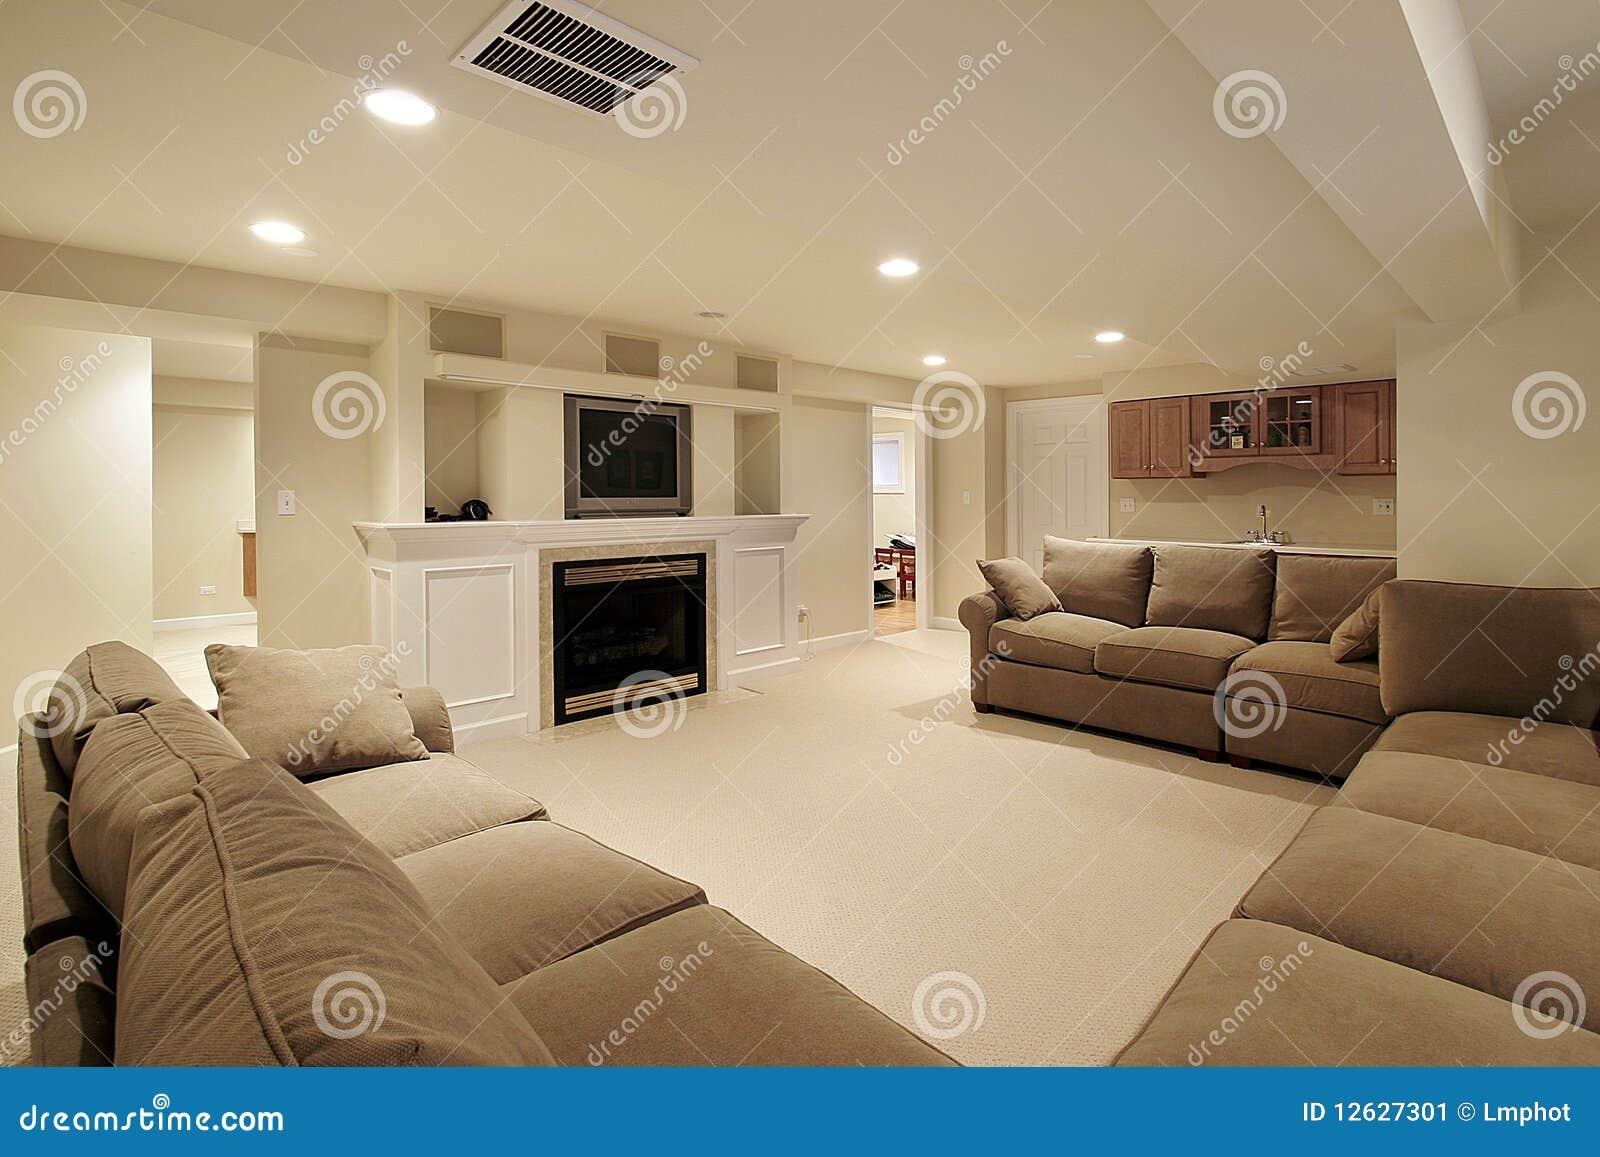 Sous-sol Dans La Maison De Luxe Image stock - Image du ...